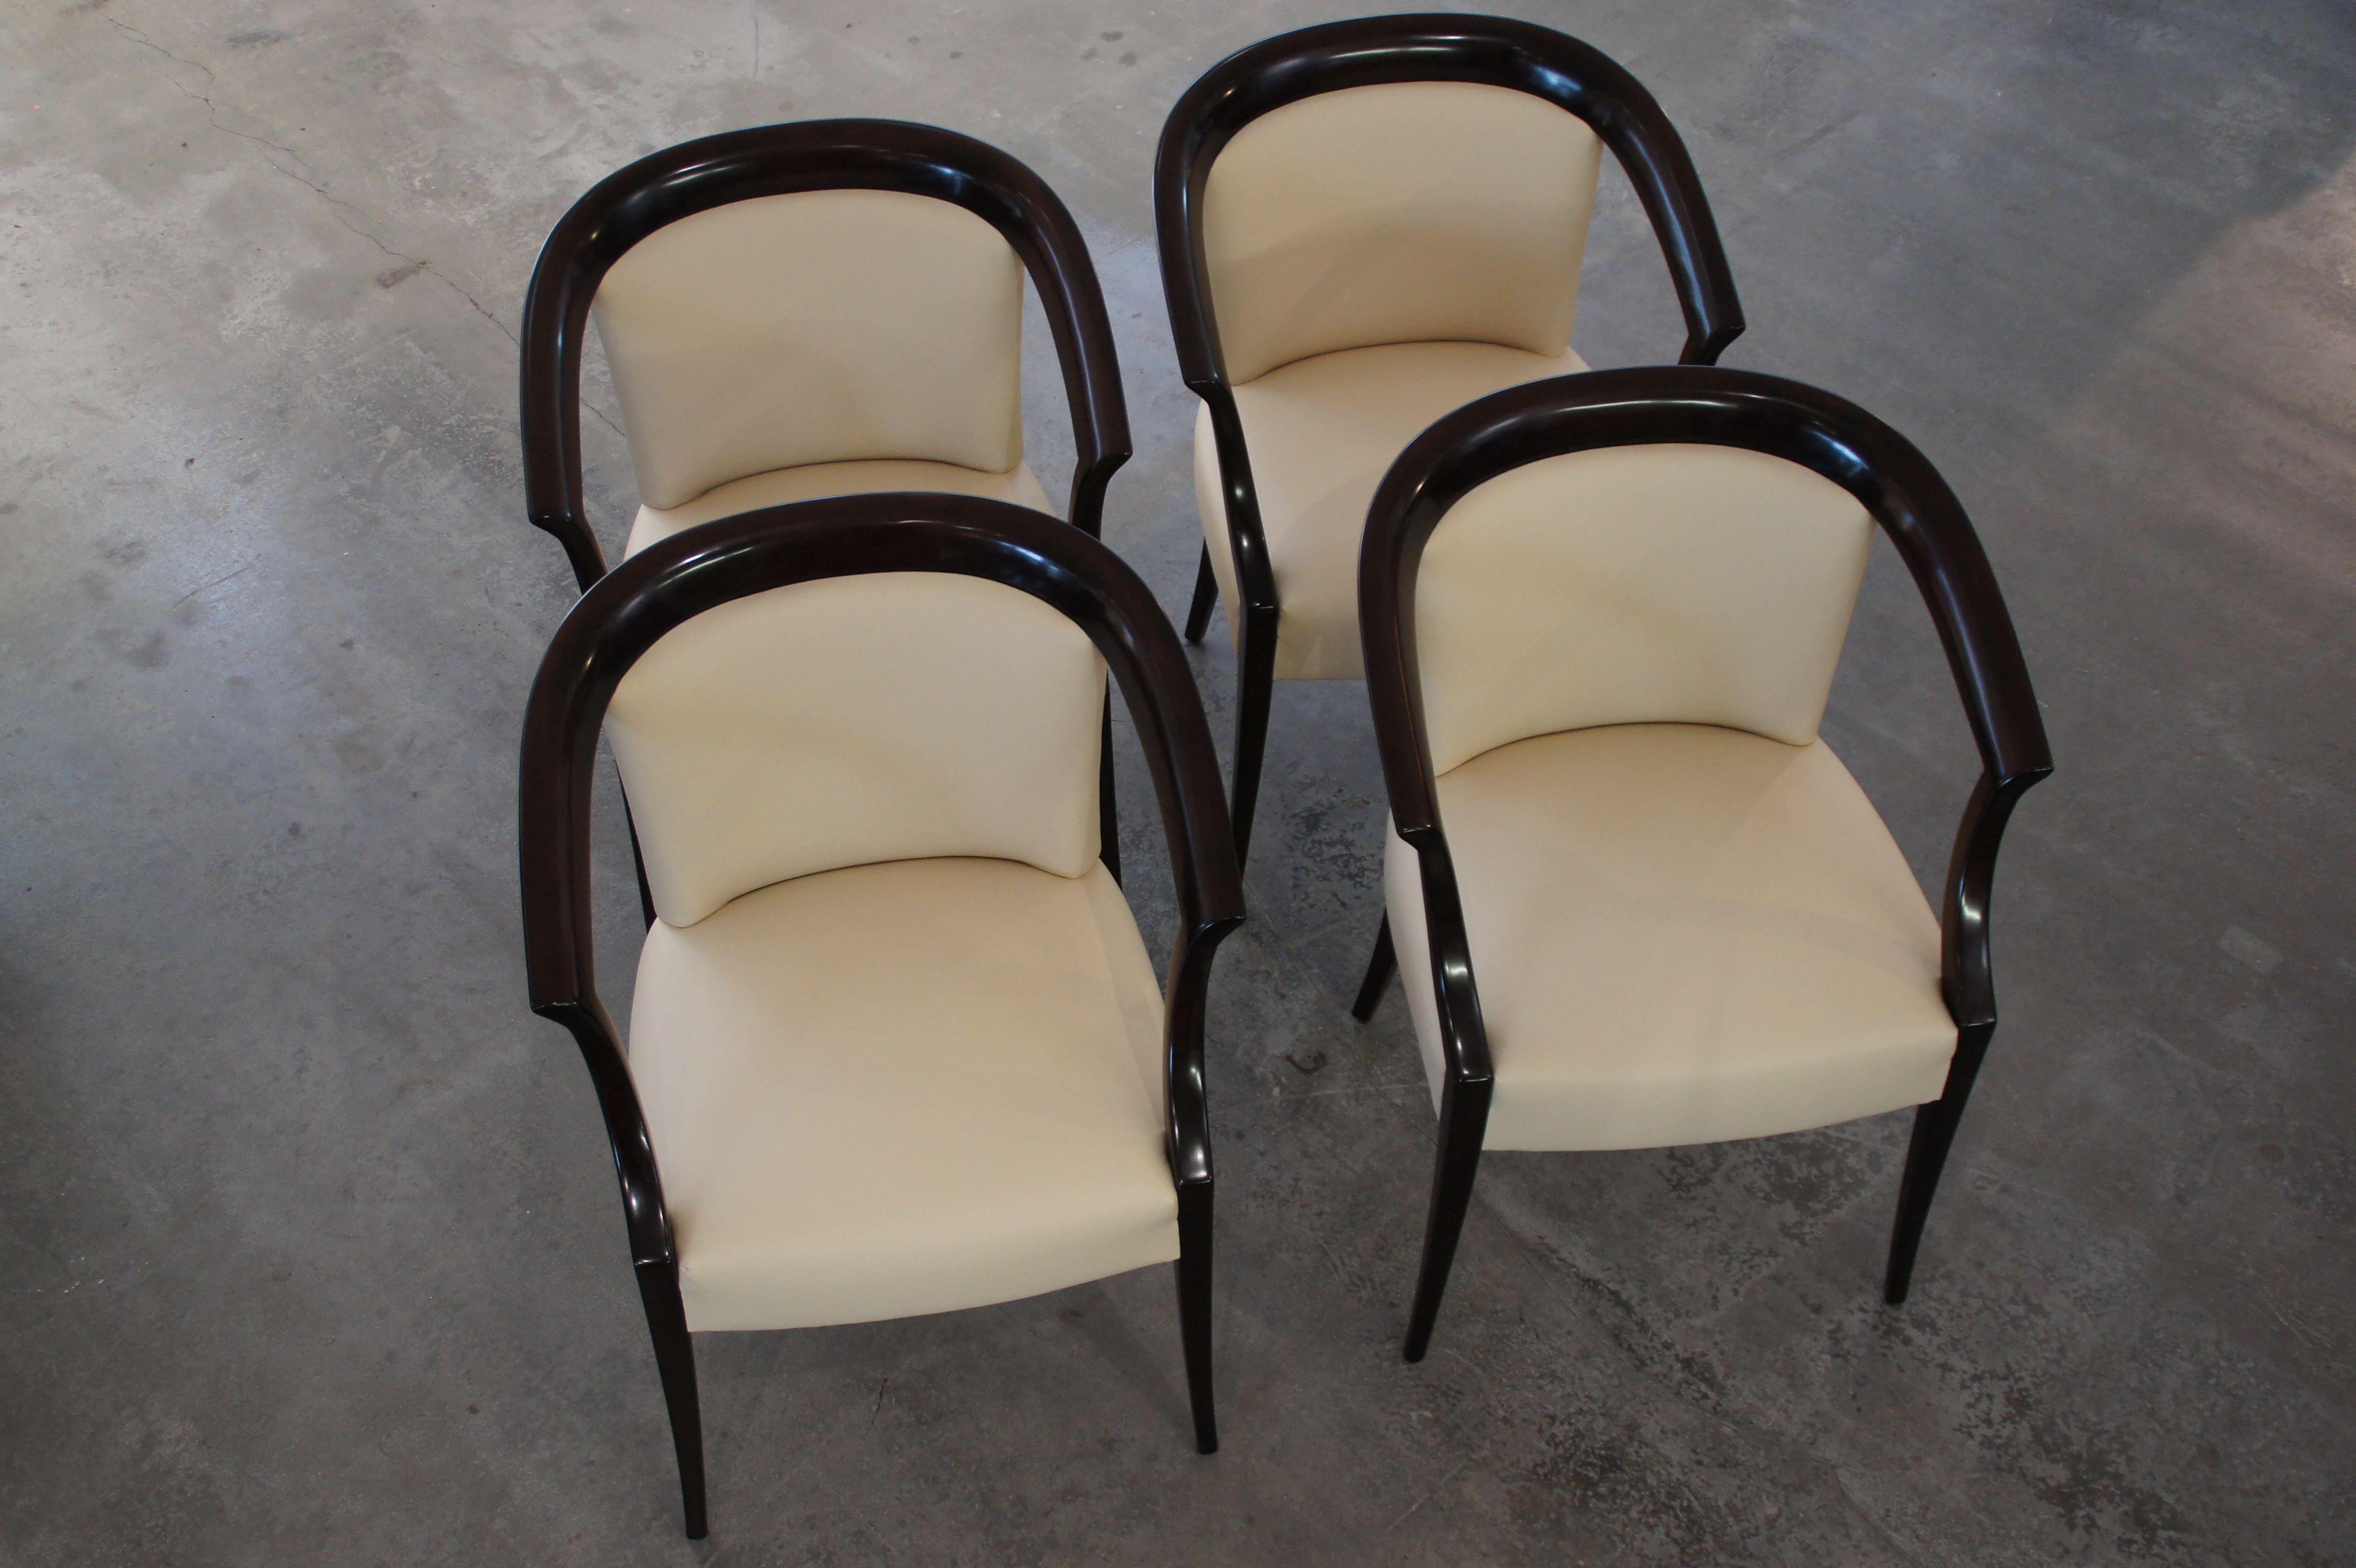 Referenzen Polstermobel Neu Bezogen Stuhle Polster Polsterei